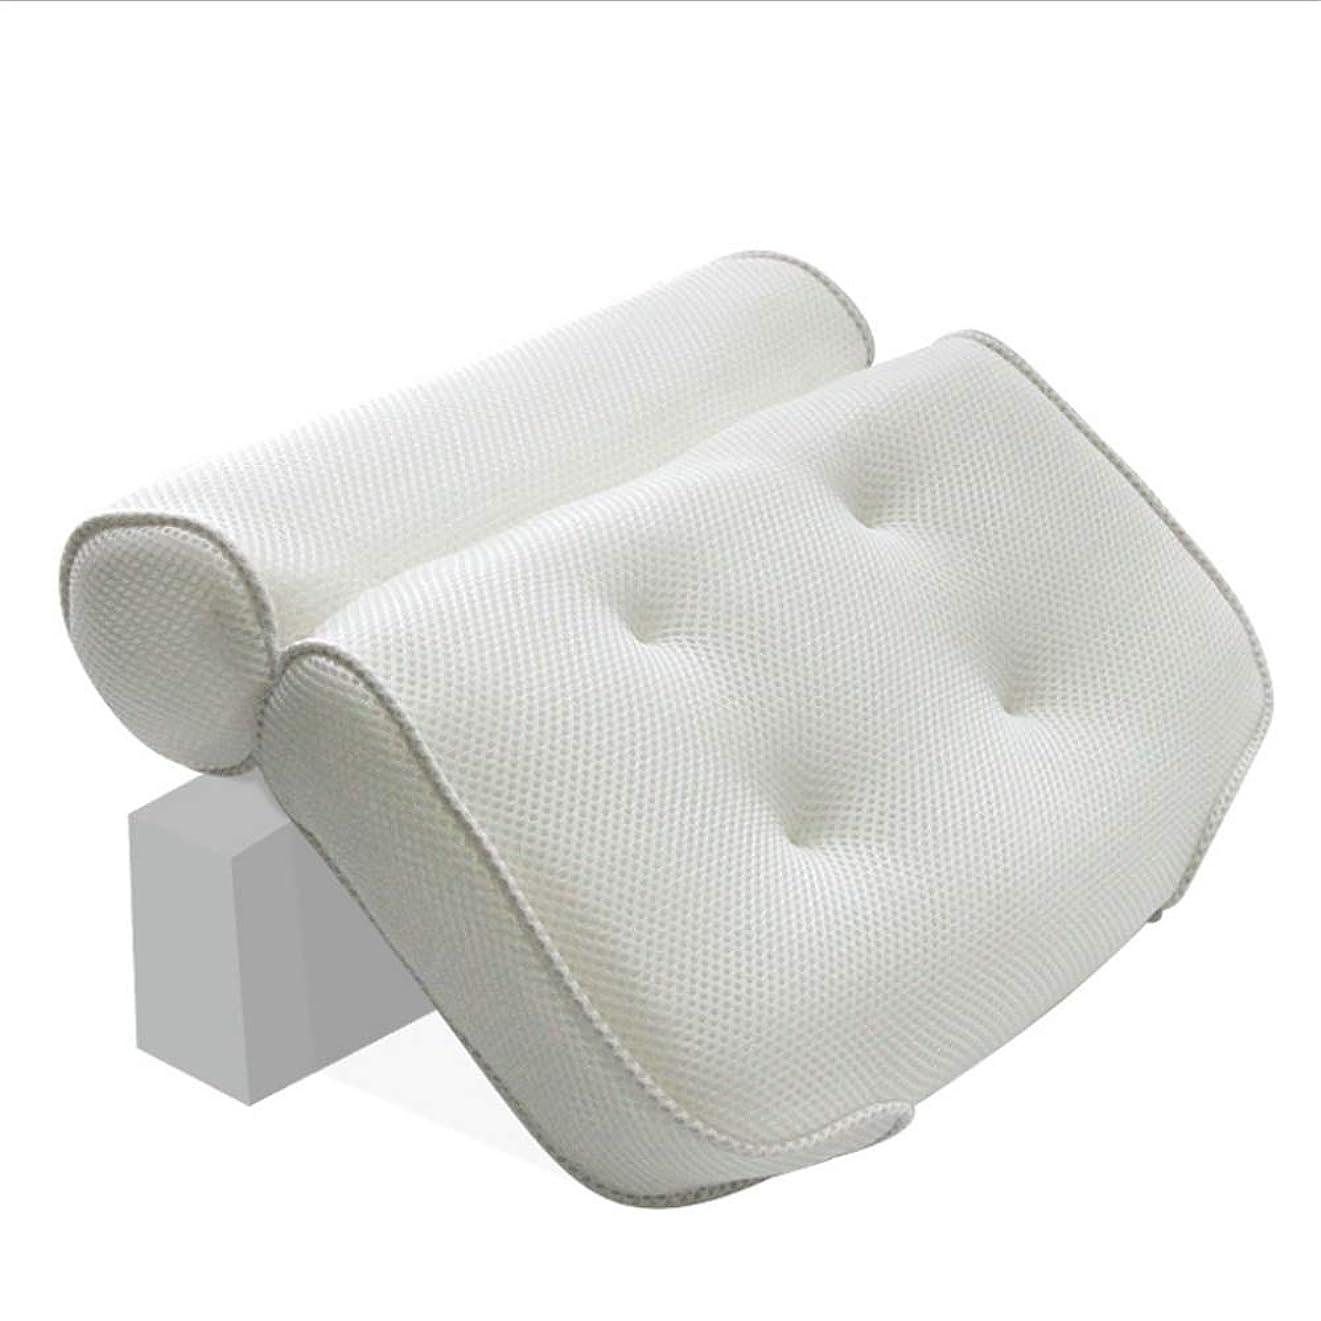 聴覚破裂麺浴槽枕 ソフトノンスリップ厚い任意のスパ用浴槽のヘッドレスト首とランバーサポートのための適切な 滑り止めバスタブスパ枕 (色 : 2 pack White)